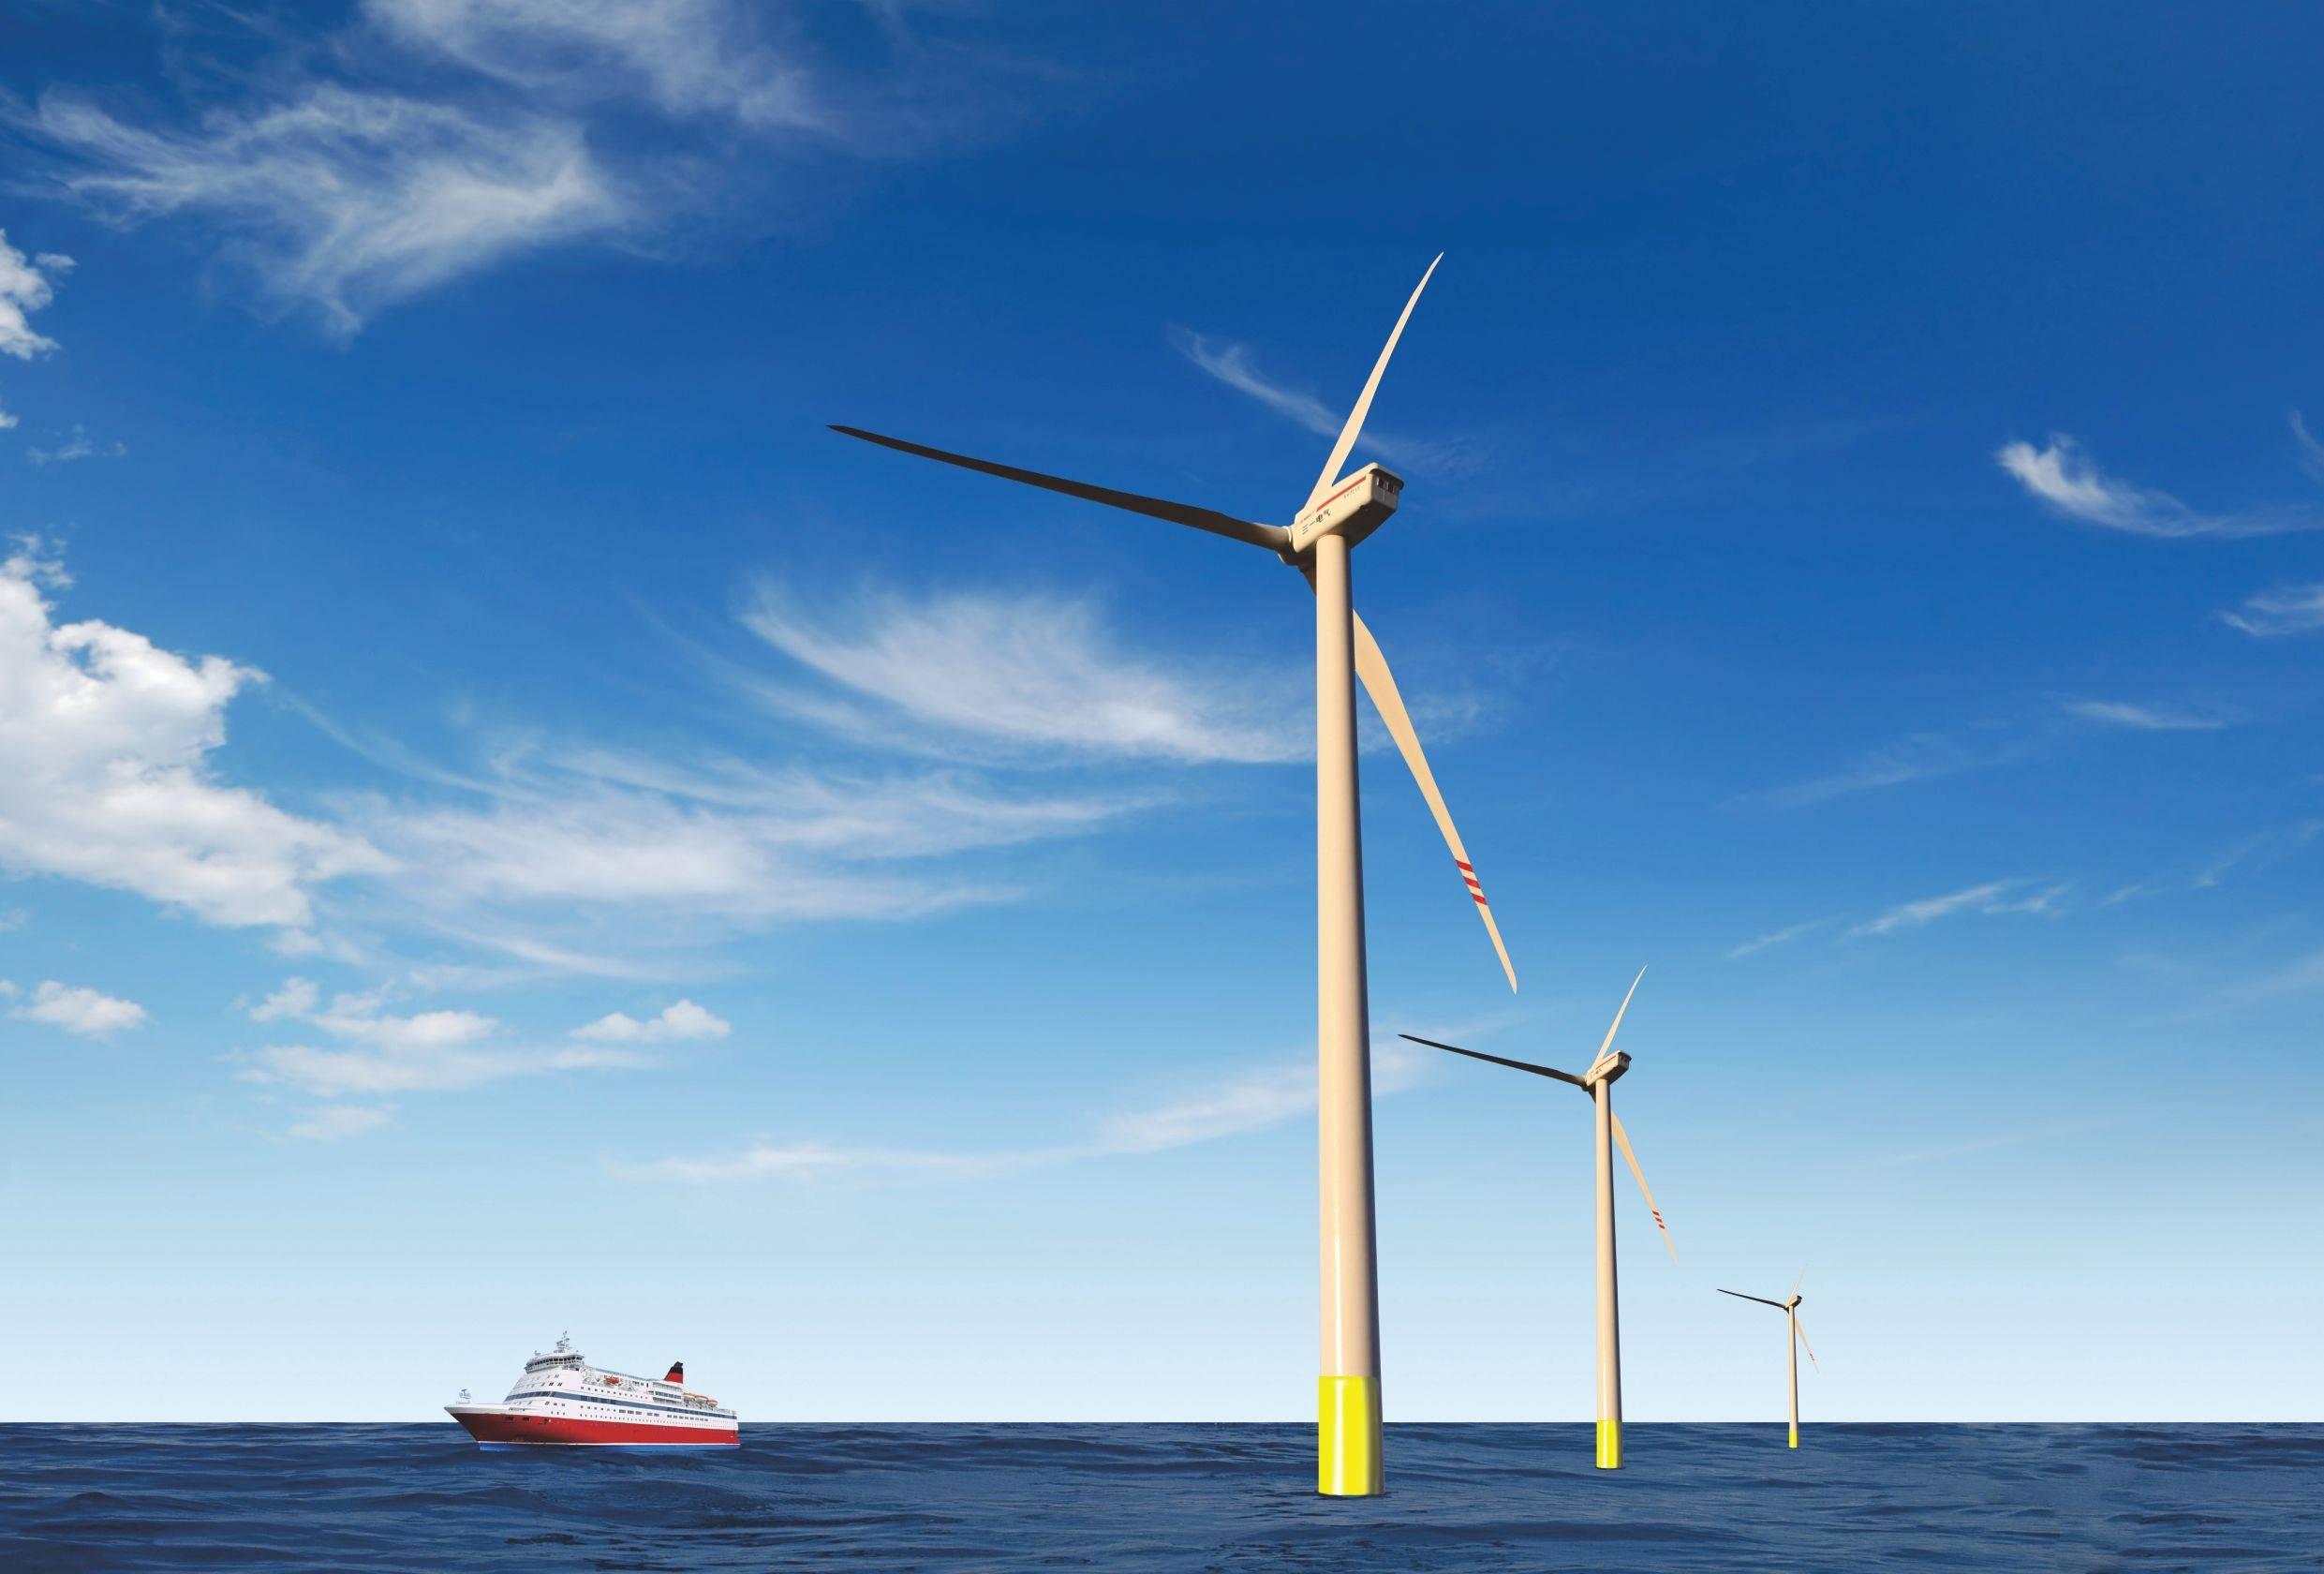 国内离岸最远的近海风电场首批机组在盐城市大丰区投产